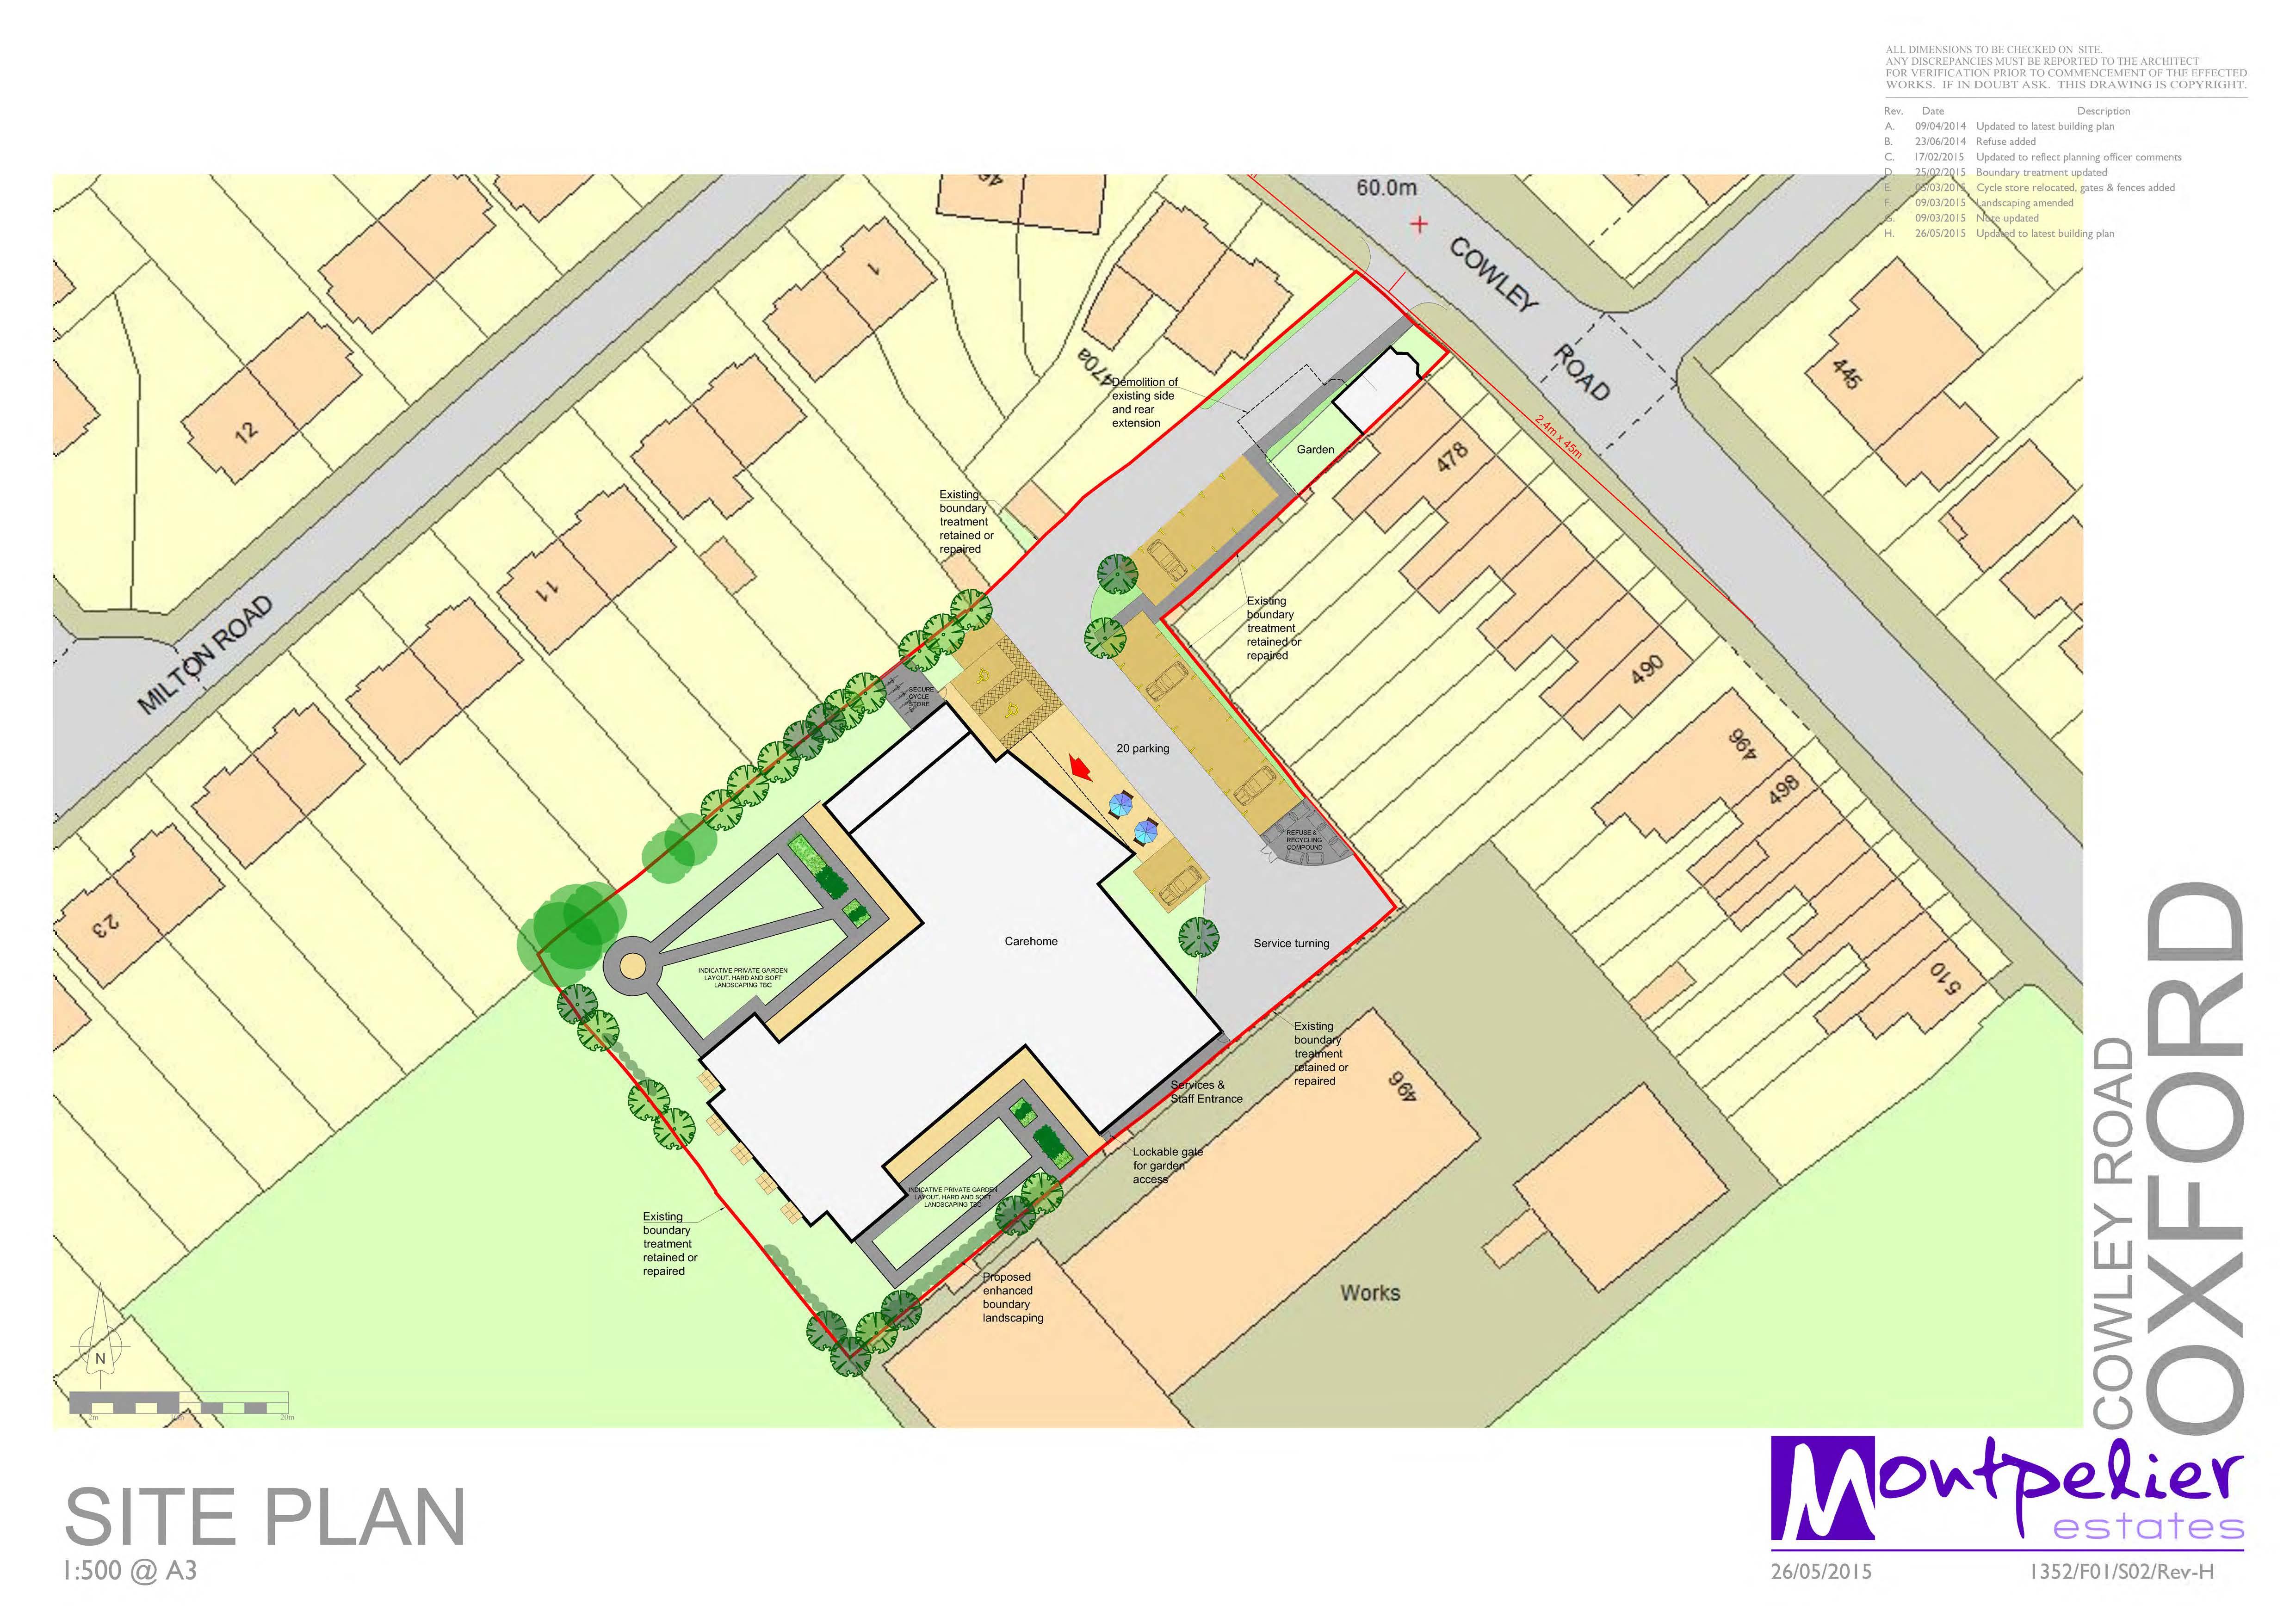 Cowley Site Plan